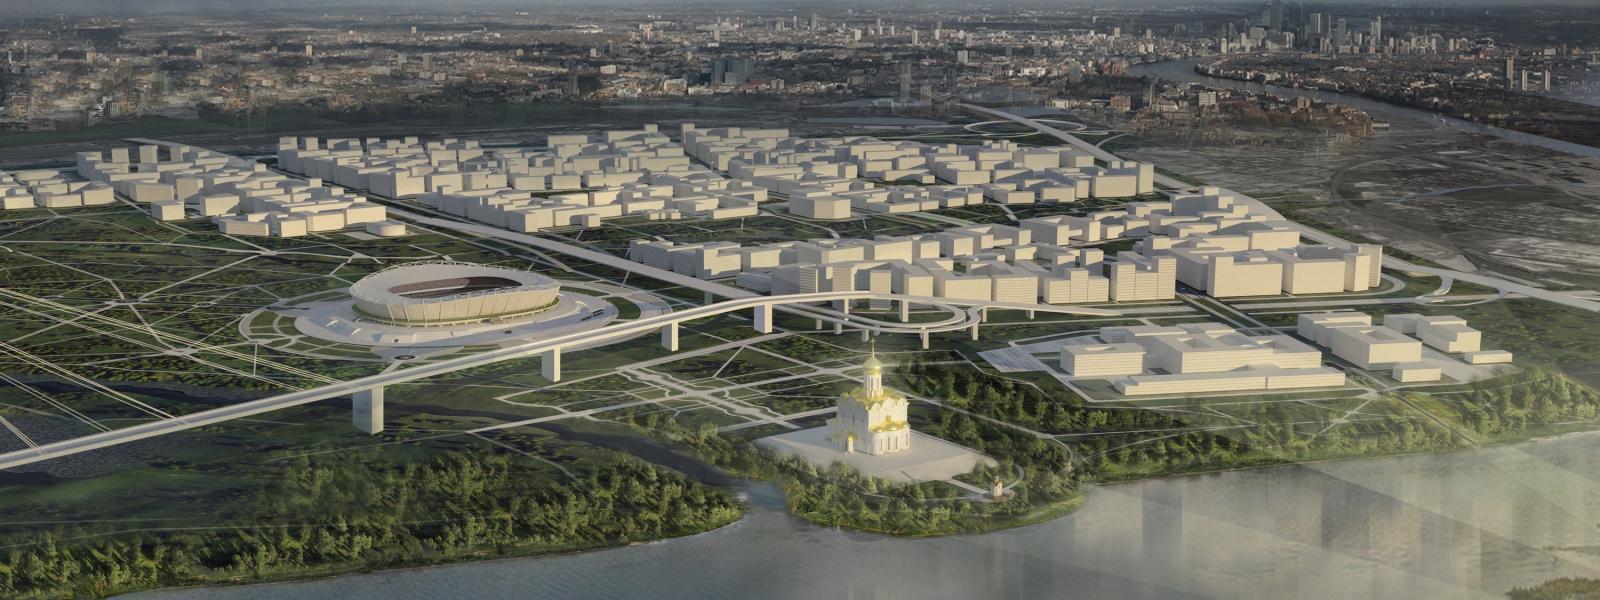 work-Проект застройки жилой территории на 40 тыс. жителей в Ленинском районе Иркутска